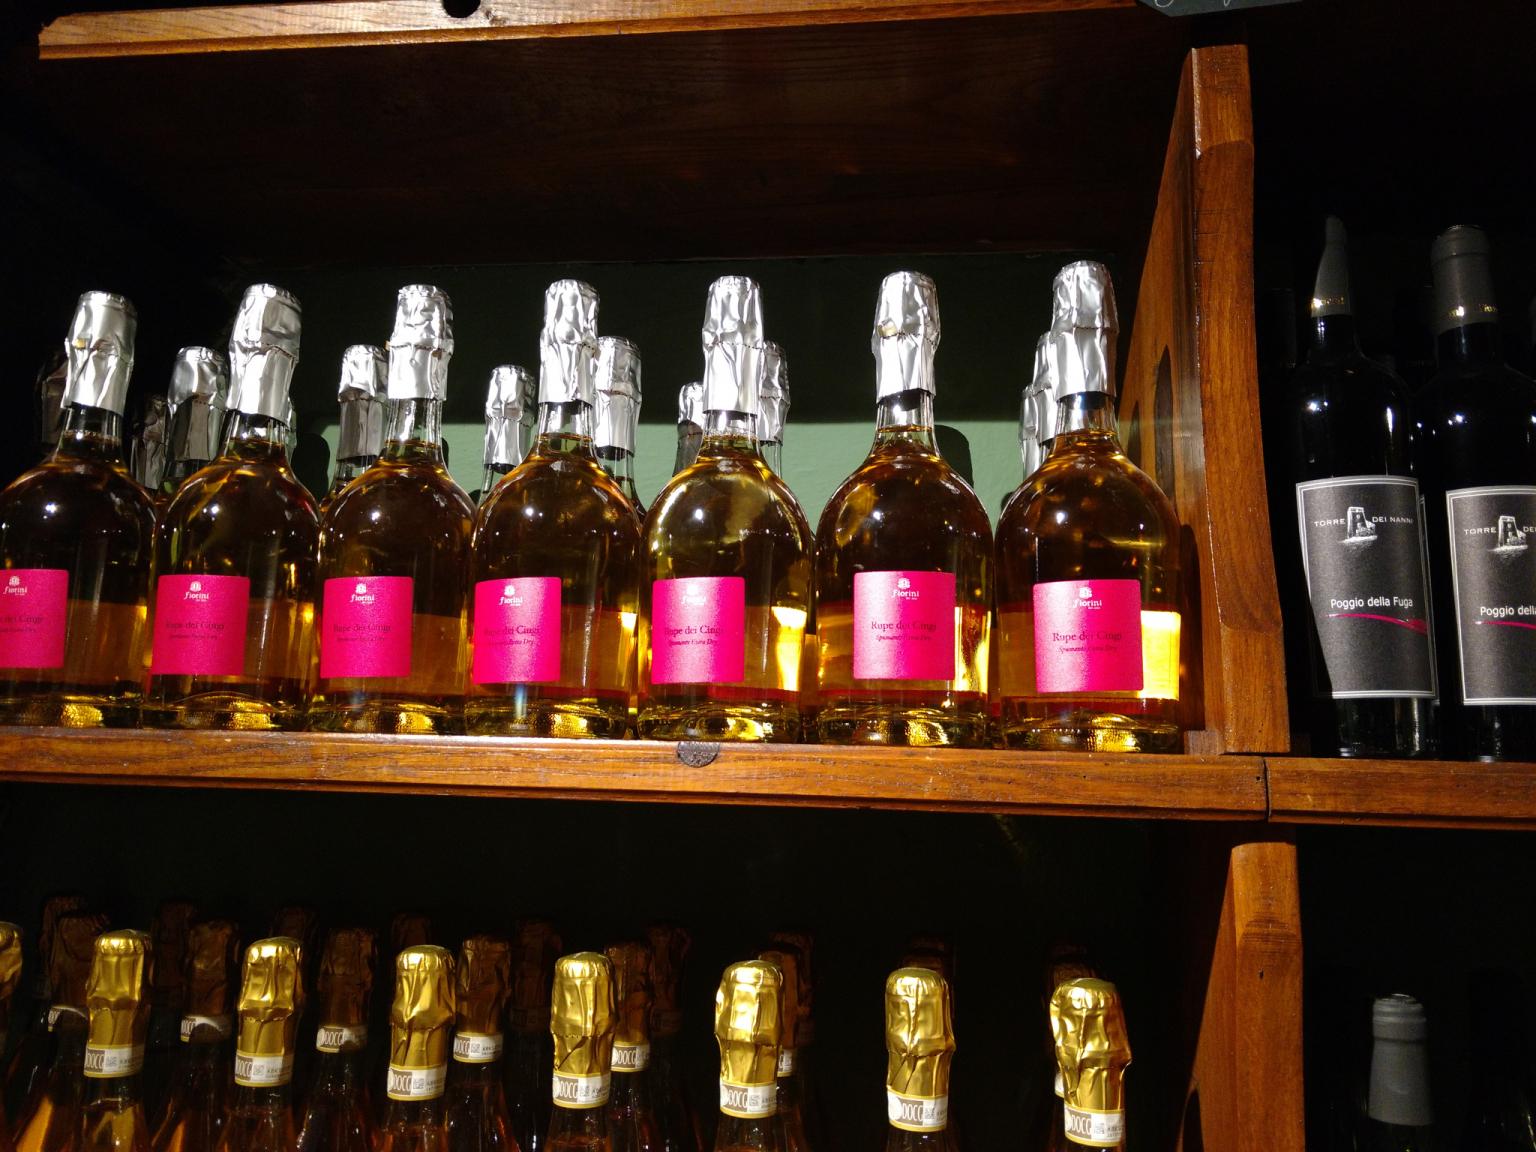 alcune bottiglie a bottega ganaceto modena